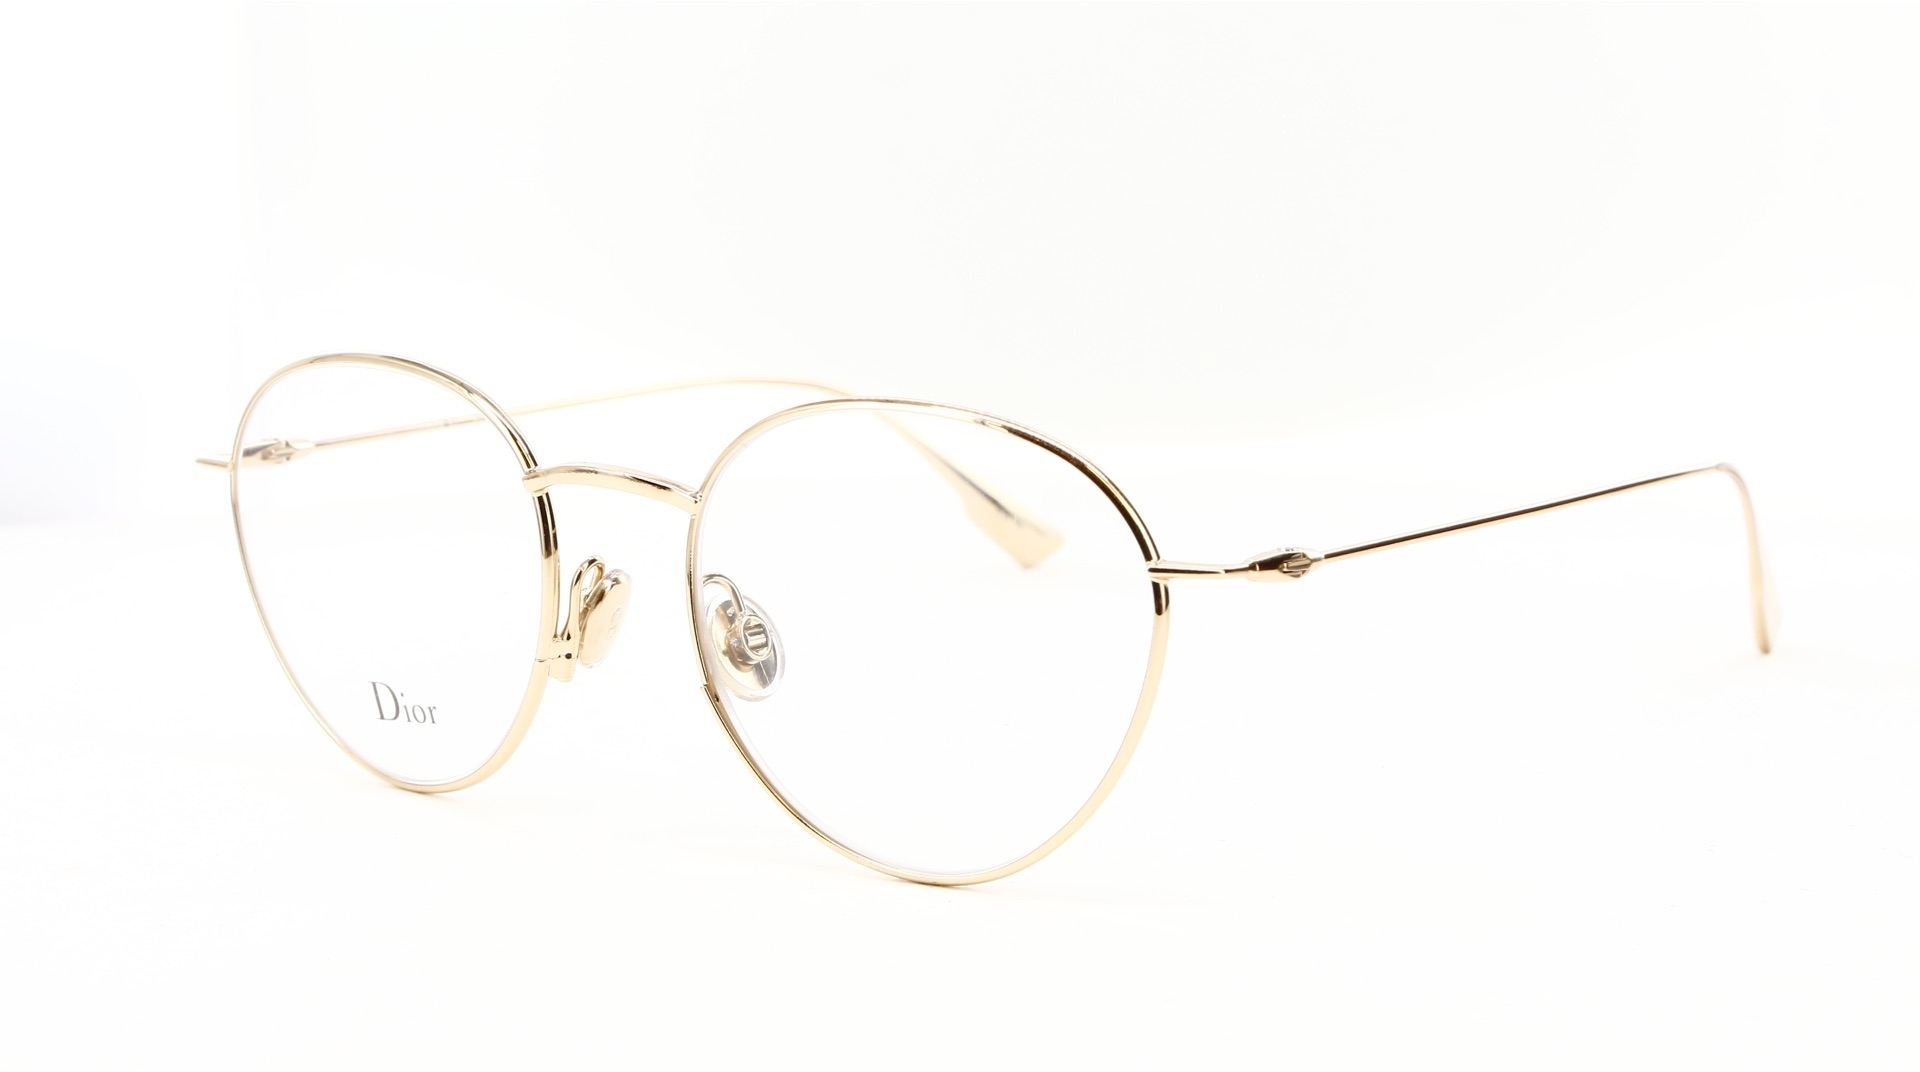 Dior - ref: 80536